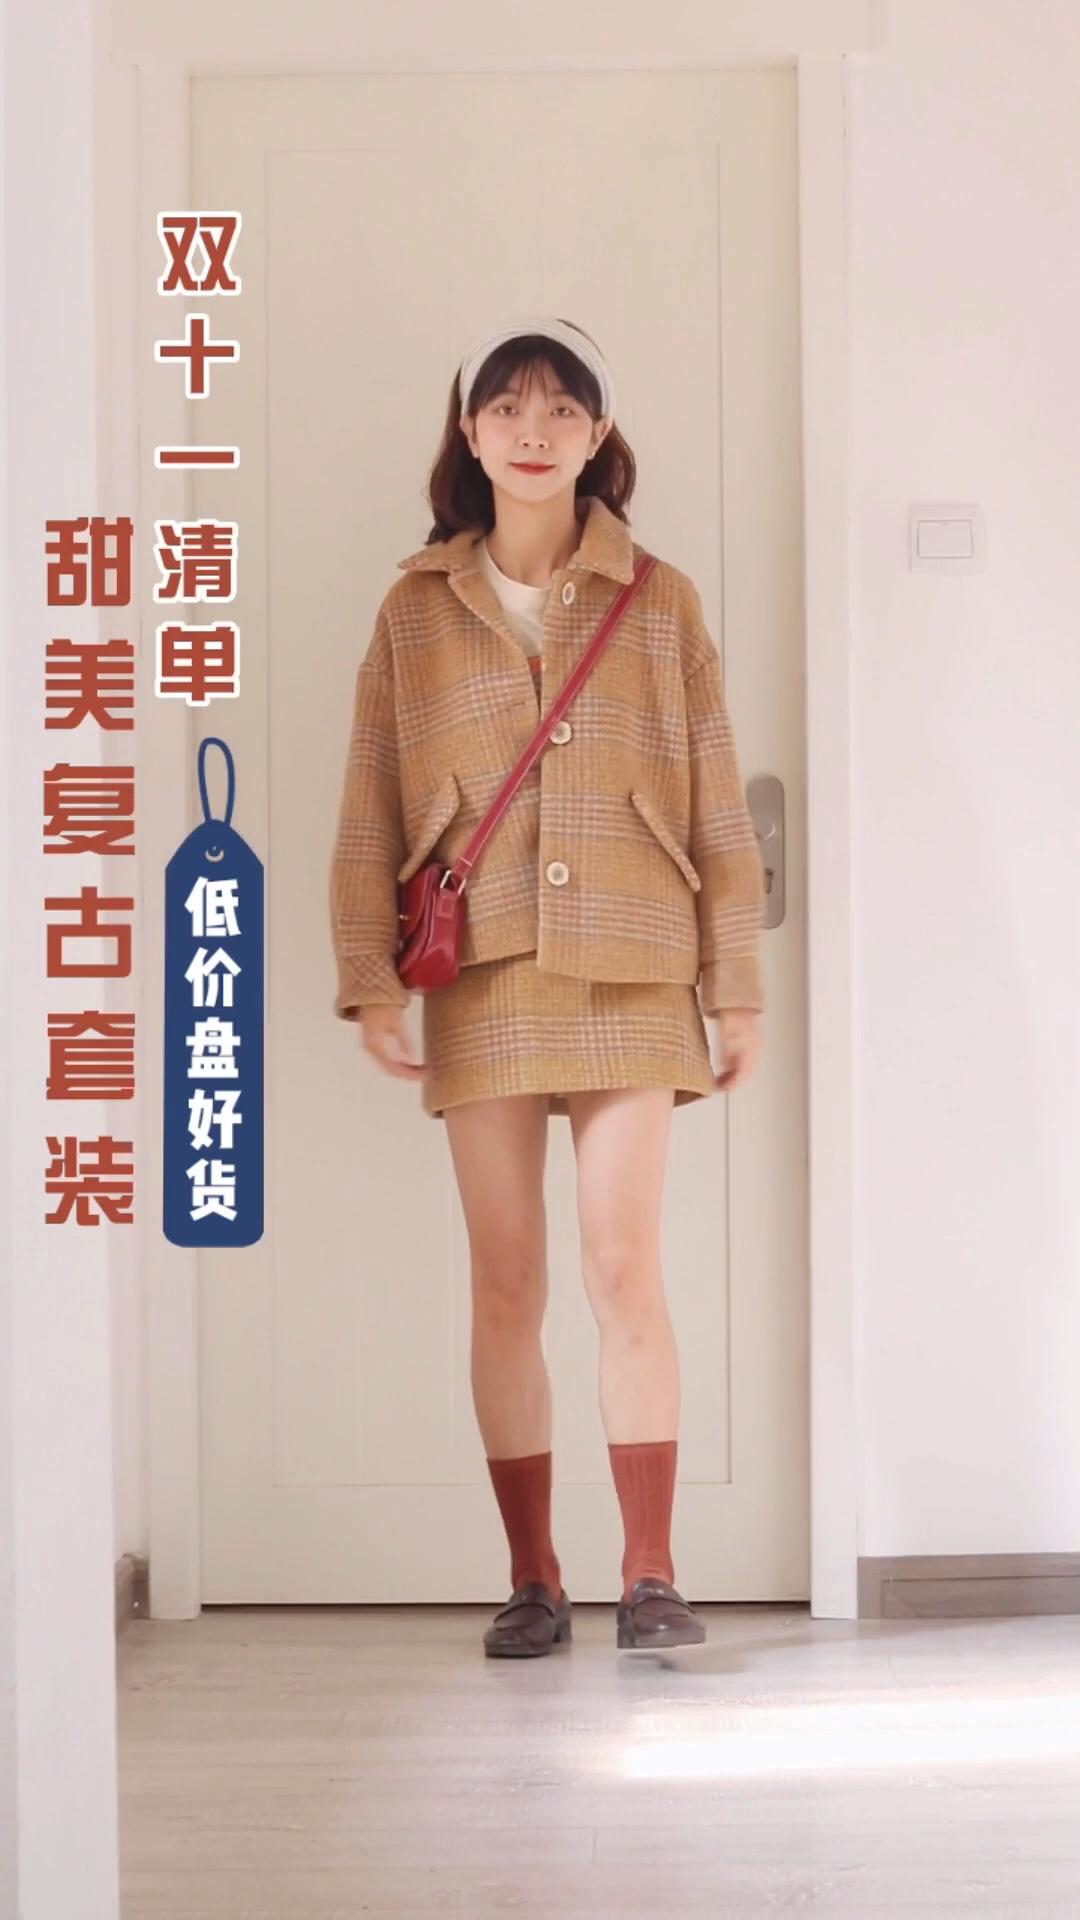 """""""福利!粉丝戳下面🔗领取优惠券啦 https://h5.mogu.com/coupon/receive.html?marketType=market_mogujie&pid=1hv61jeum https://h5.mogu.com/coupon/receive.html?marketType=market_mogujie&pid=1hv61jeum https://h5.mogu.com/coupon/receive.html?marketType=market_mogujie&pid=1hv61jeum #双十一学生党不吃土攻略#  大家好我是大鱼,这一期分享复古格子套装。  🌻这个卡其色格子套装复古又少女,真的很显白,面料厚实舒服,秋冬基础款穿起来不错,短裙也比较显腿长哦,一套双十一购买有优惠啦。"""